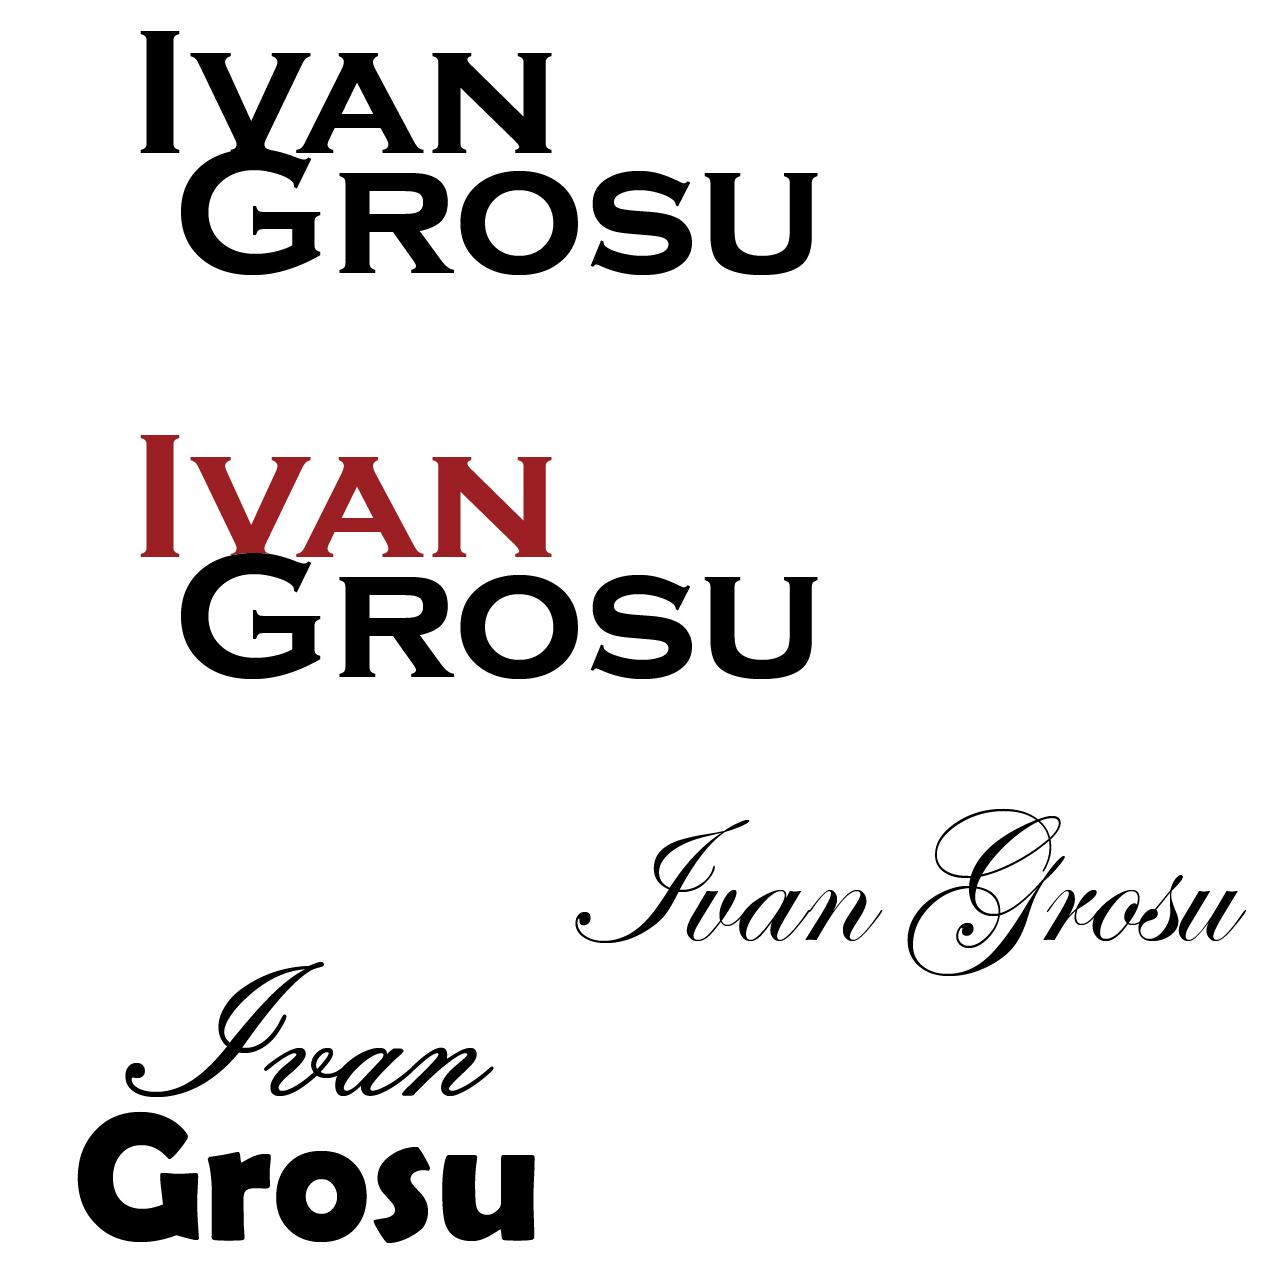 Фамильный логотип и дизайн печати ИП с этим логотипом фото f_0125a285a9b959c5.jpg